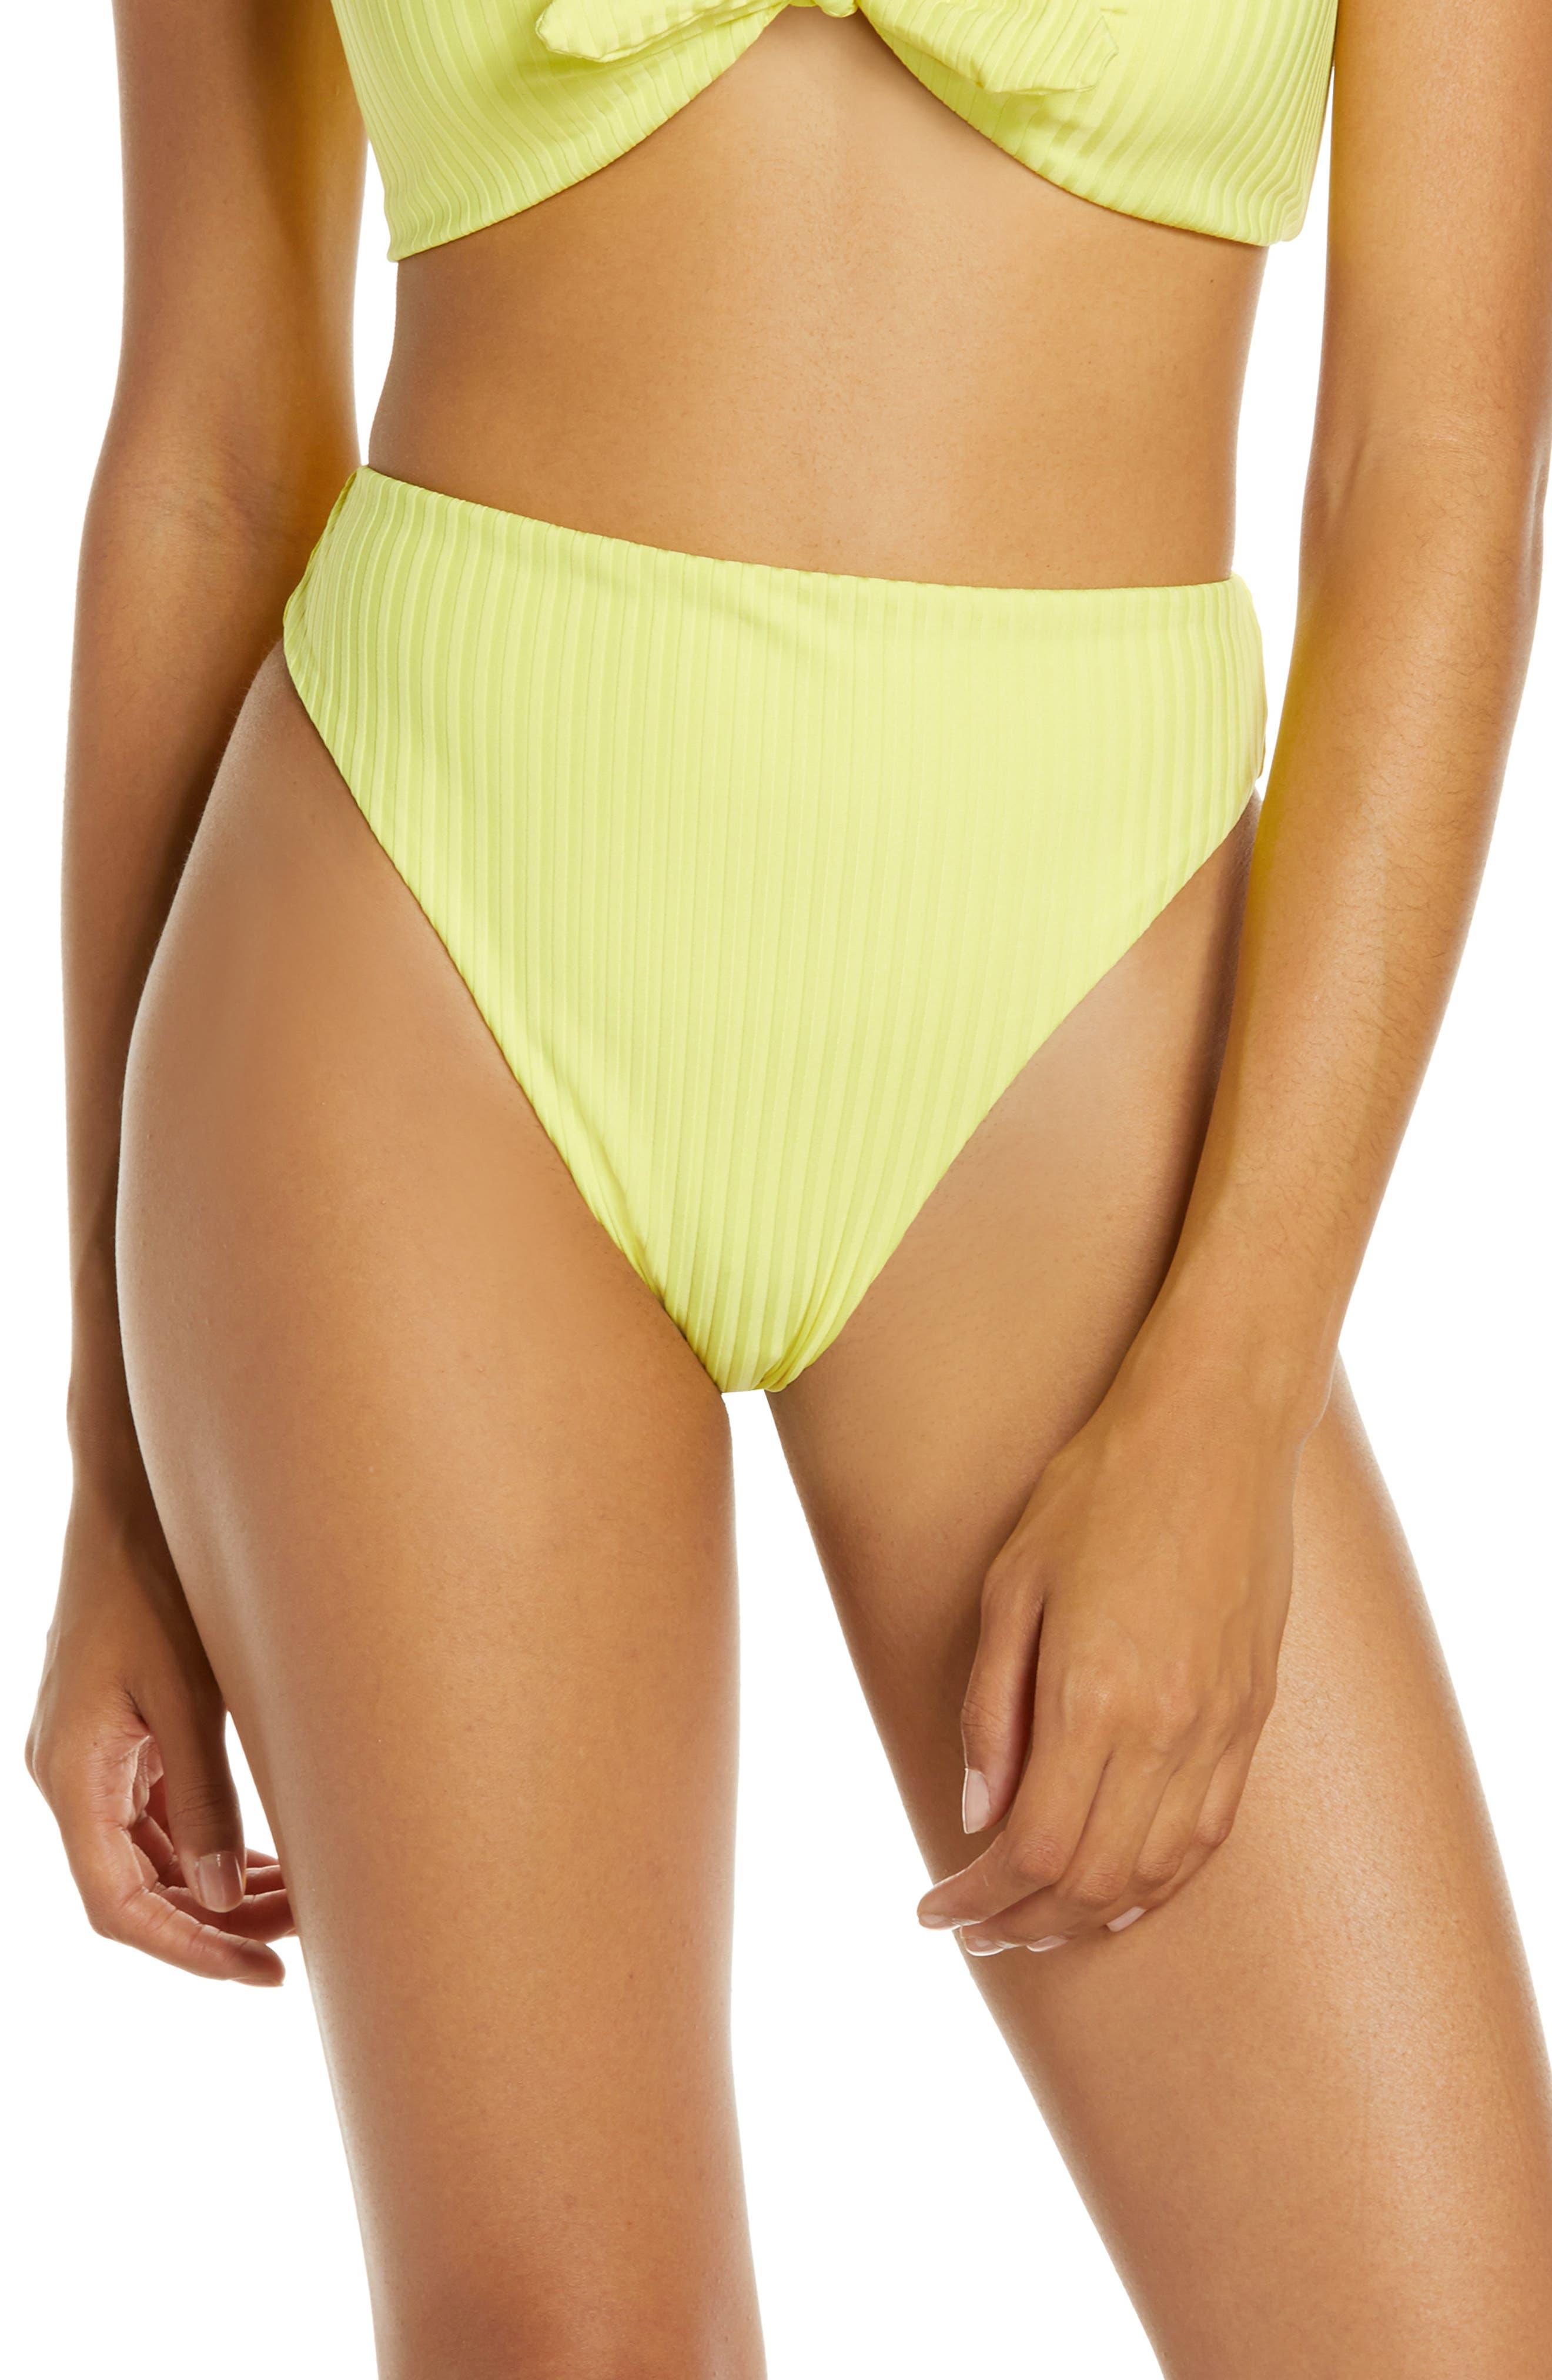 Dolce Vita High Waist High Leg Bikini Bottoms, Yellow